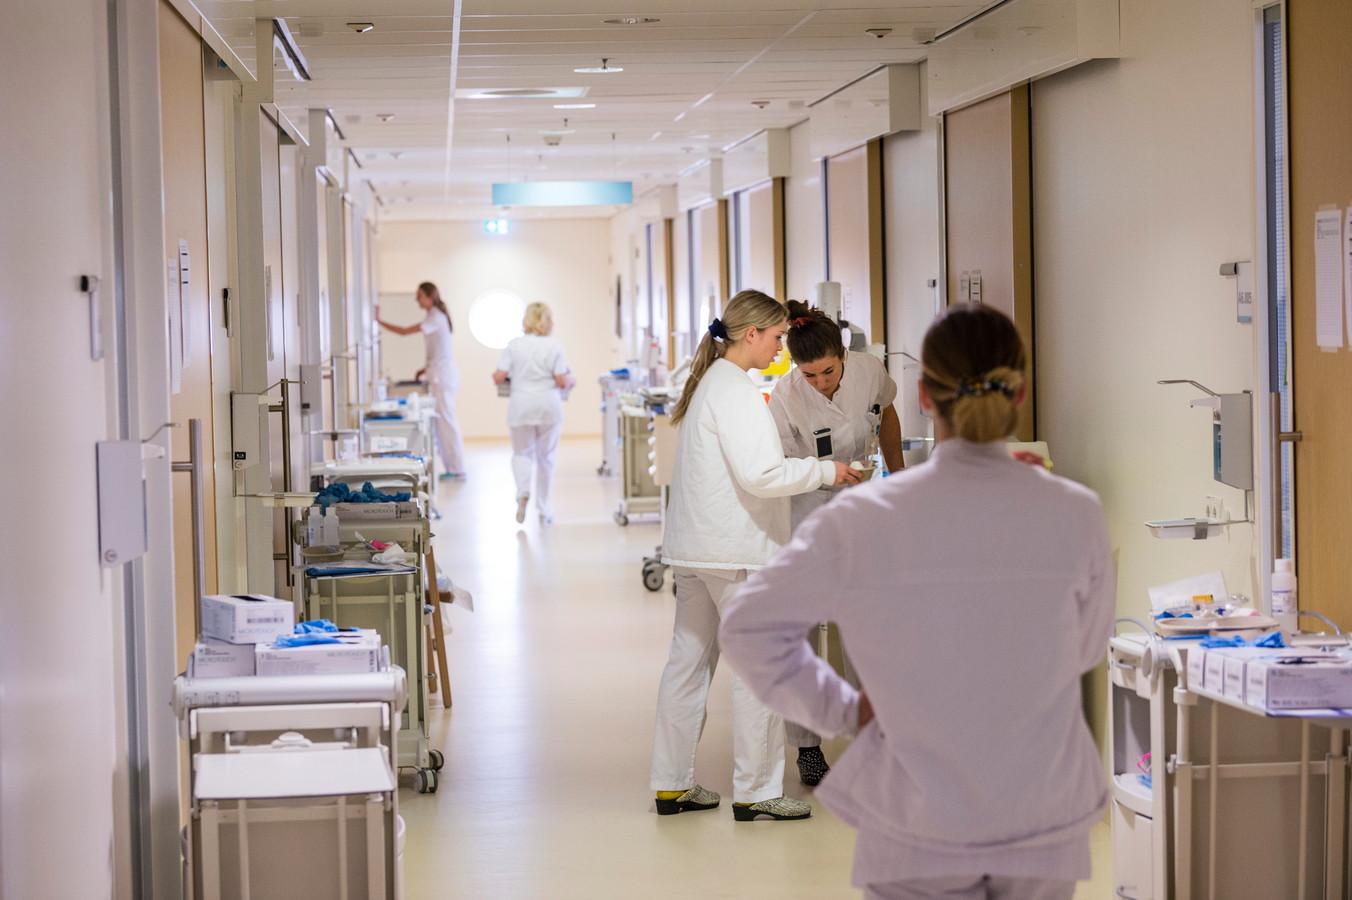 Op de afdeling A6, acute zorg, van het Medisch Spectrum Twente (MST) liggen de coronapatiënten. Bezoek hoeft geen beschermende kleding  te dragen.